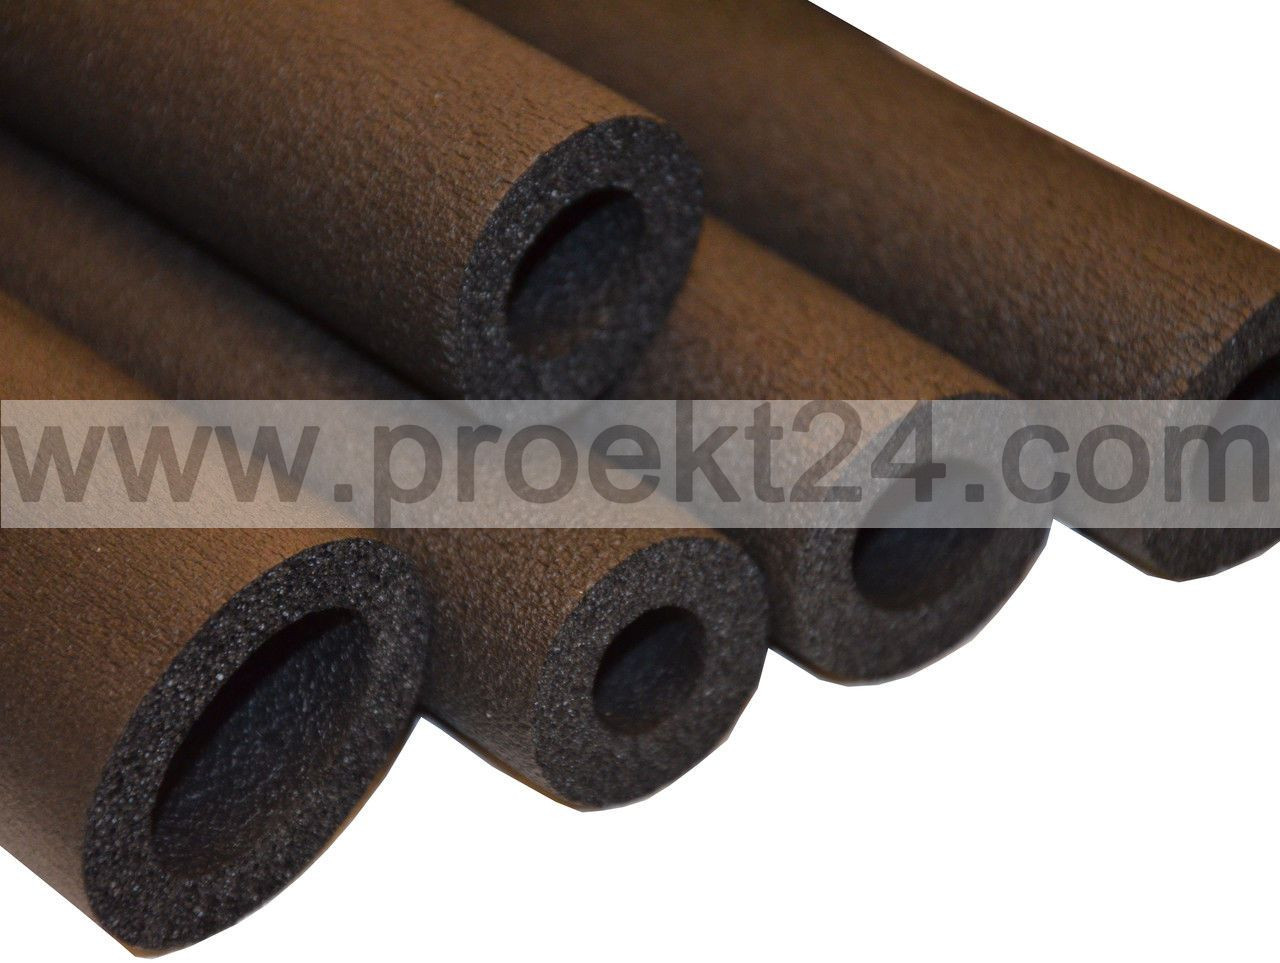 Трубная каучуковая изоляция 22/19, Ø=2 мм, толщ.:19 мм